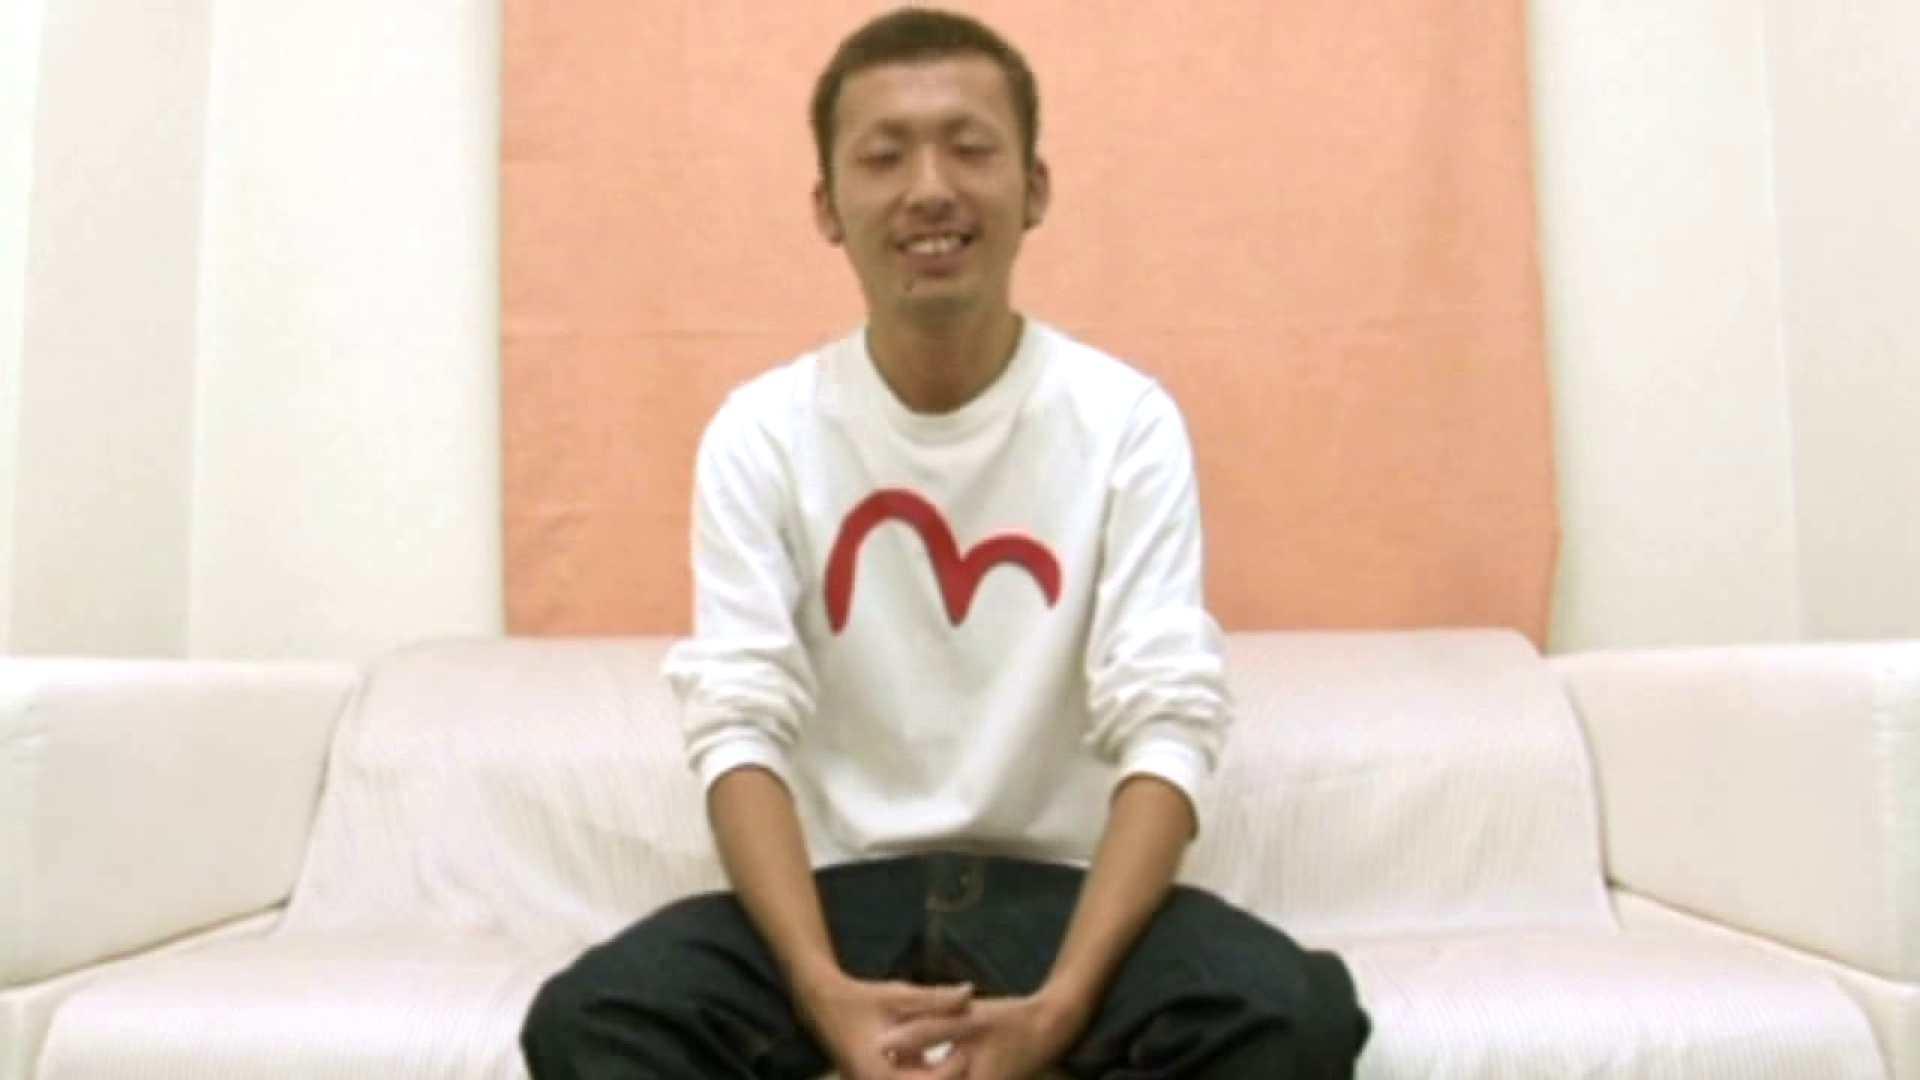 ノンケ!自慰スタジオ No.11 オナニー アダルトビデオ画像キャプチャ 88枚 33